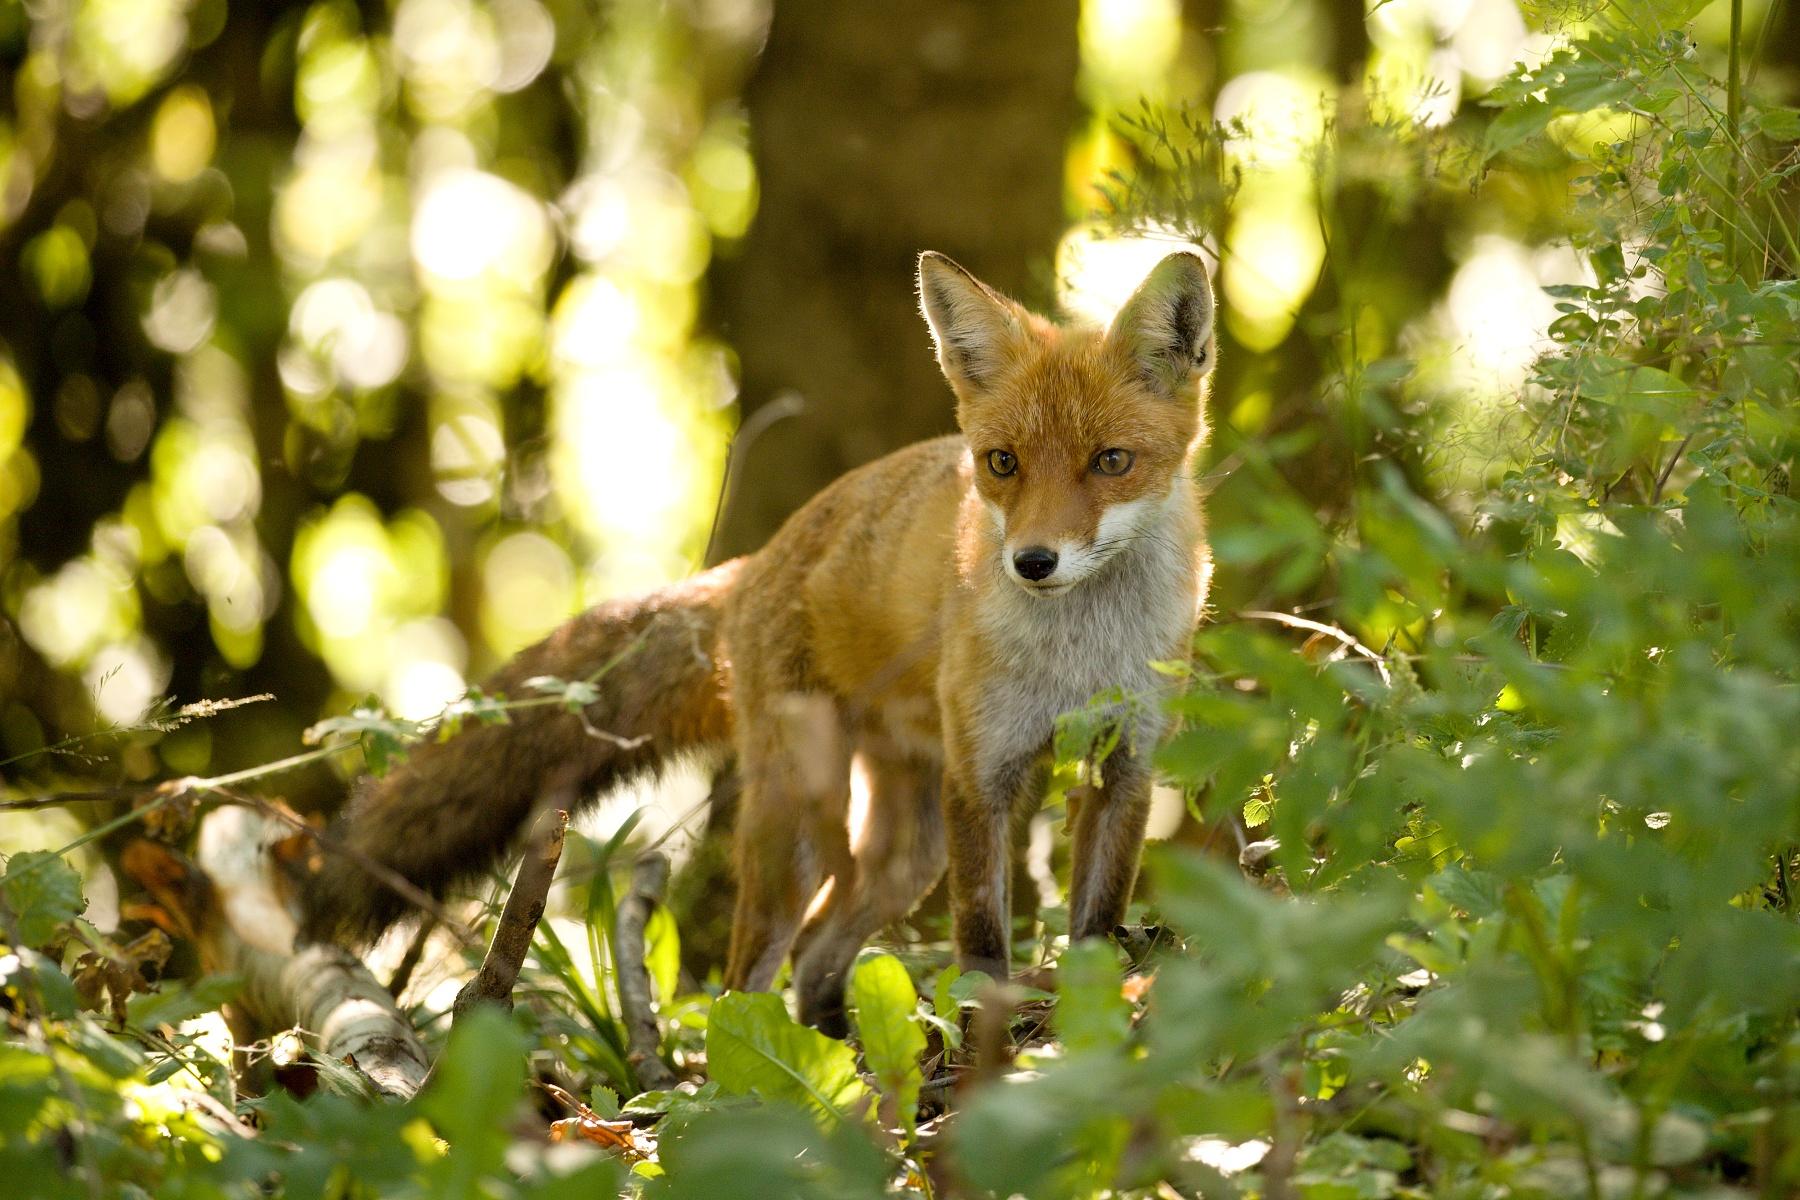 líška hrdzavá (Vulpes vulpes) Red fox, Muránska planina, Slovensko